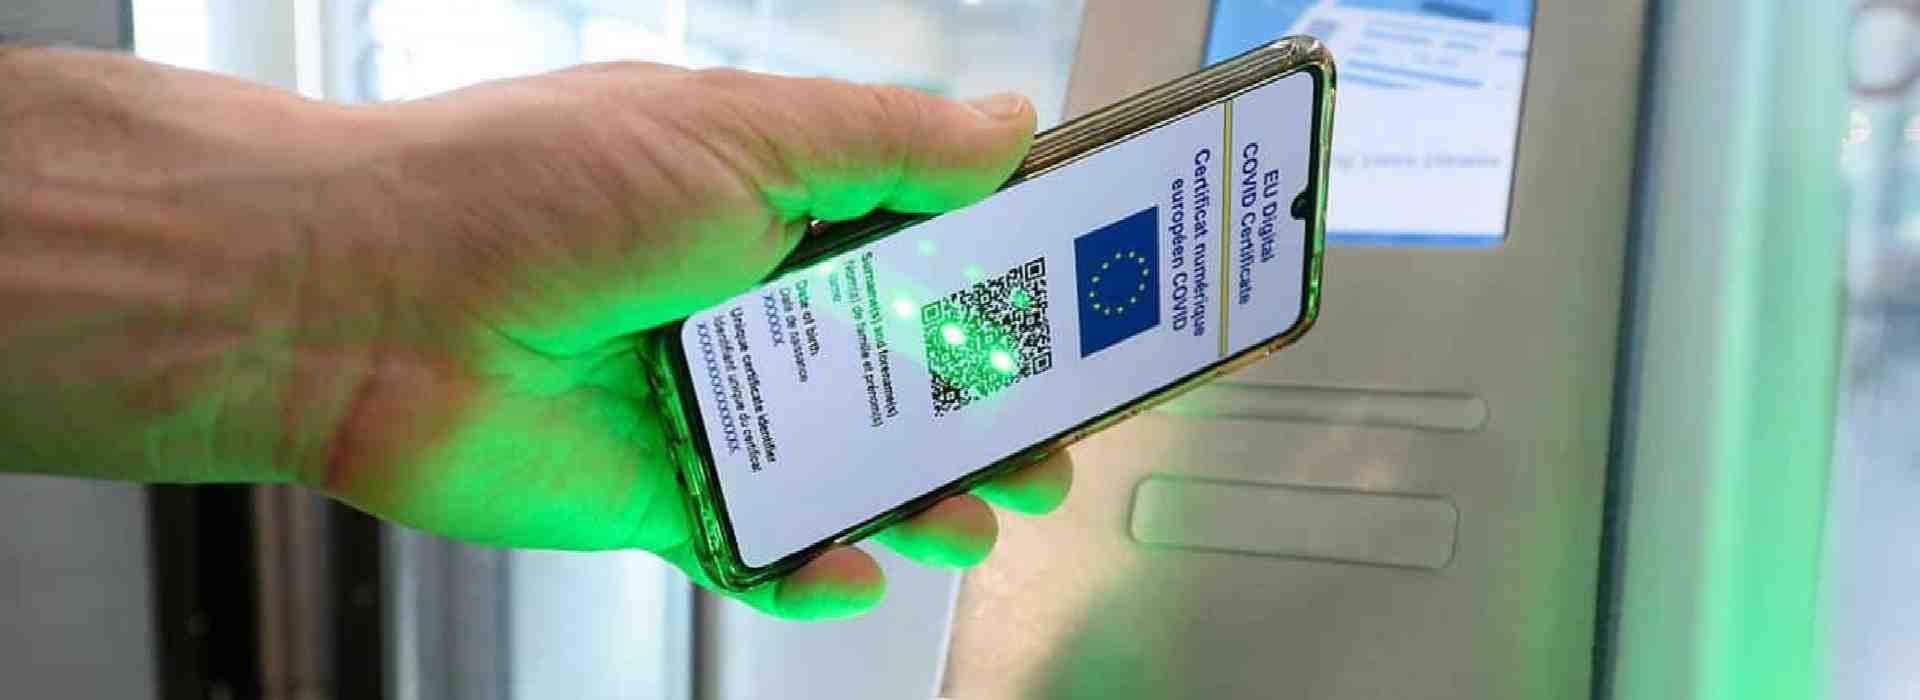 Green pass: la Ue dice che bisogna evitare discriminazioni. Ma l'Italia cancella la frase sulla Gazzetta Ufficiale